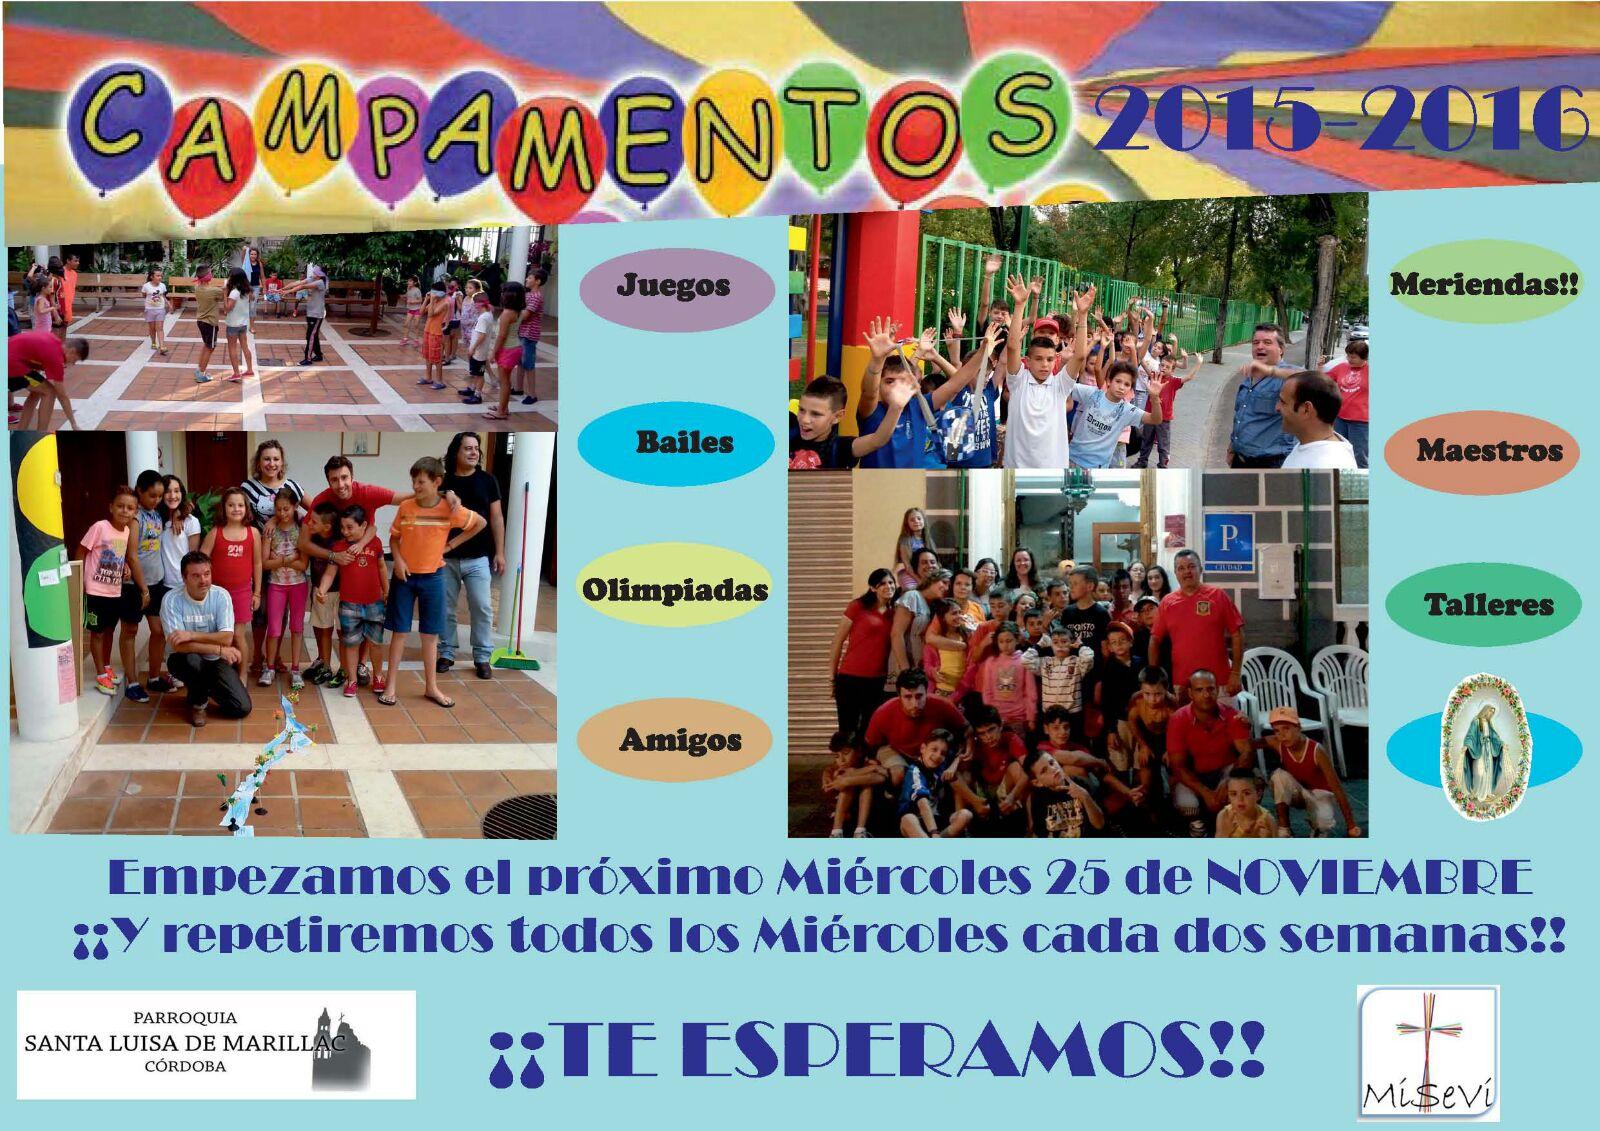 CAMPAMENTOS 2015-16